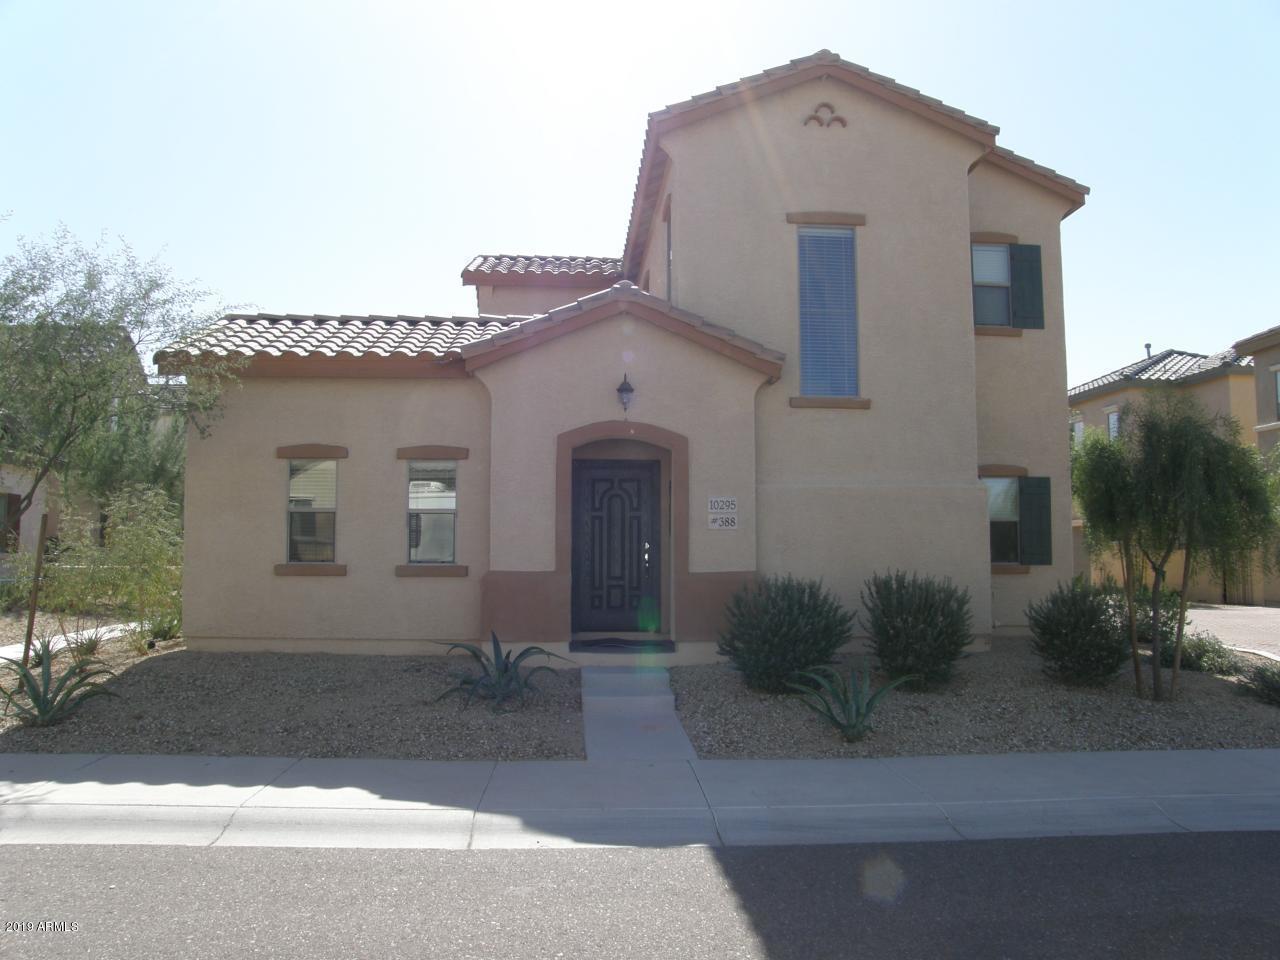 10295 W Via Del Sol Road, Unit 388 Peoria